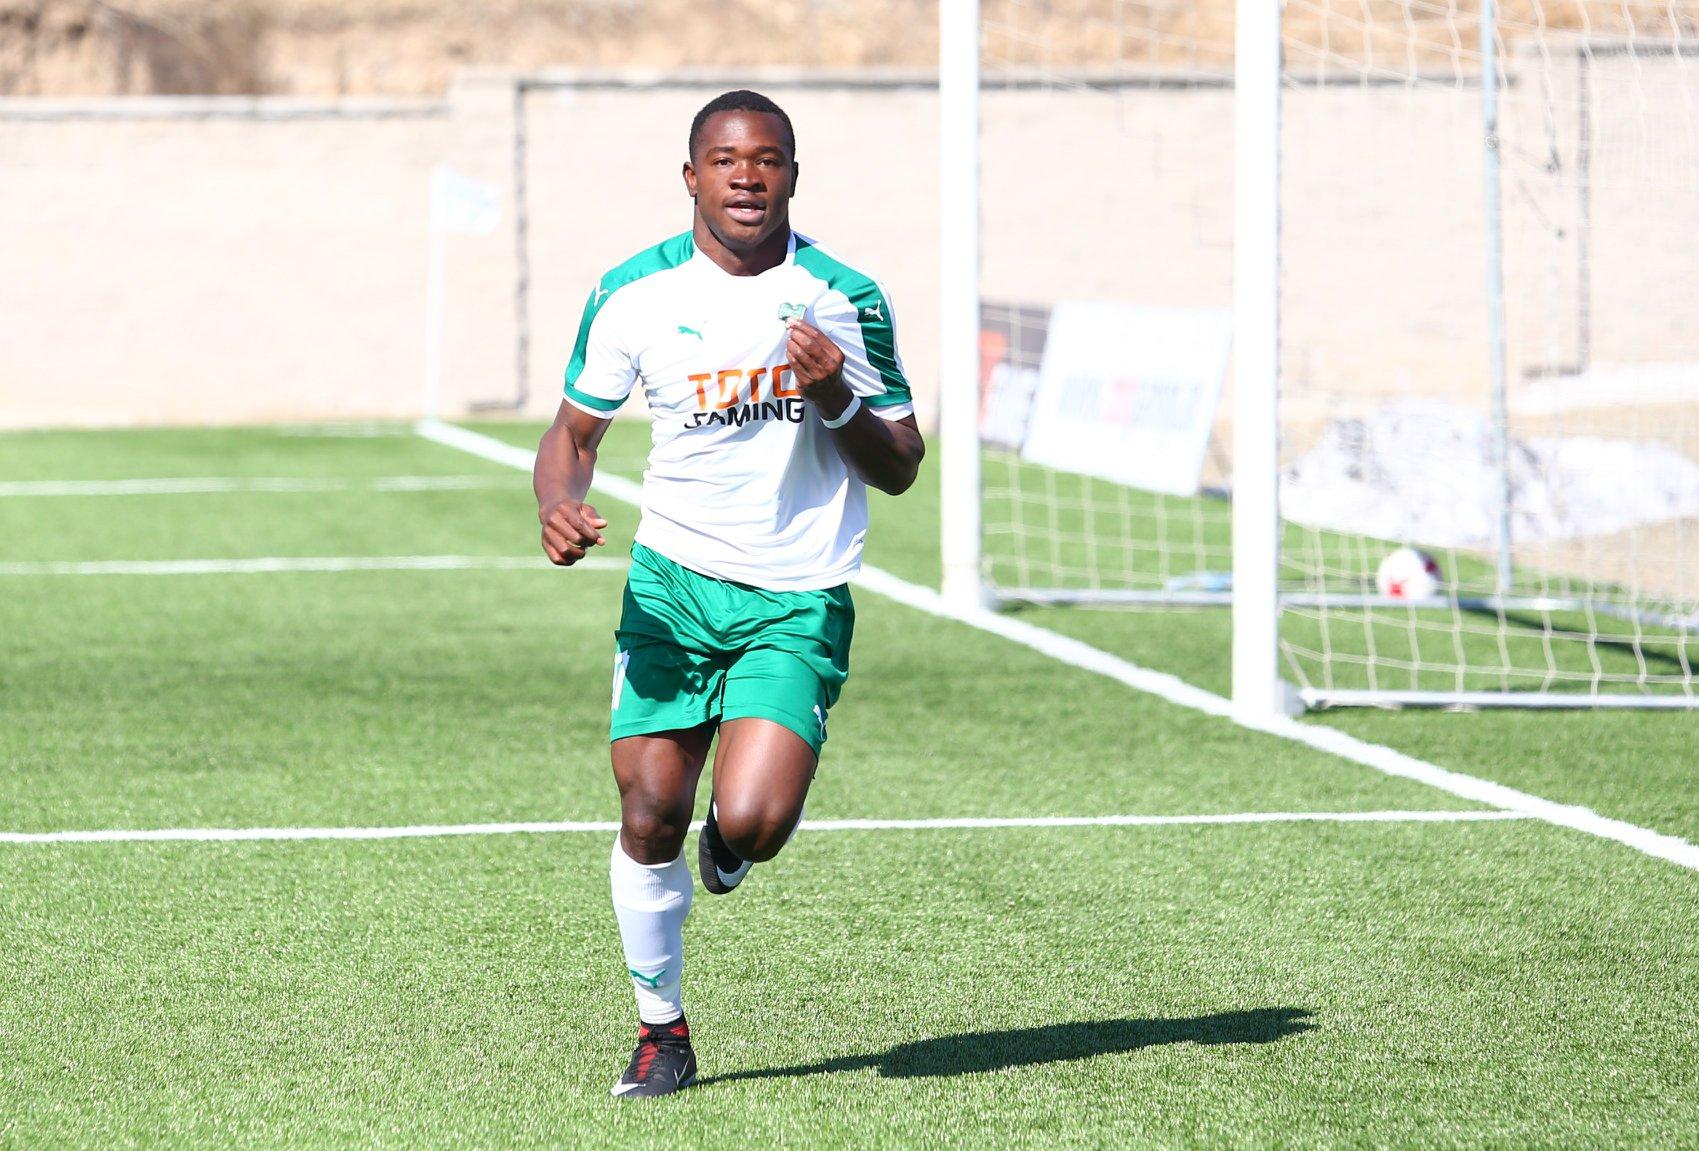 L'attaquant haïtien, Jonel Désiré, a inscrit un quintuplé contre Yerevan dimanche 1er décembre. Photo: FC Lori